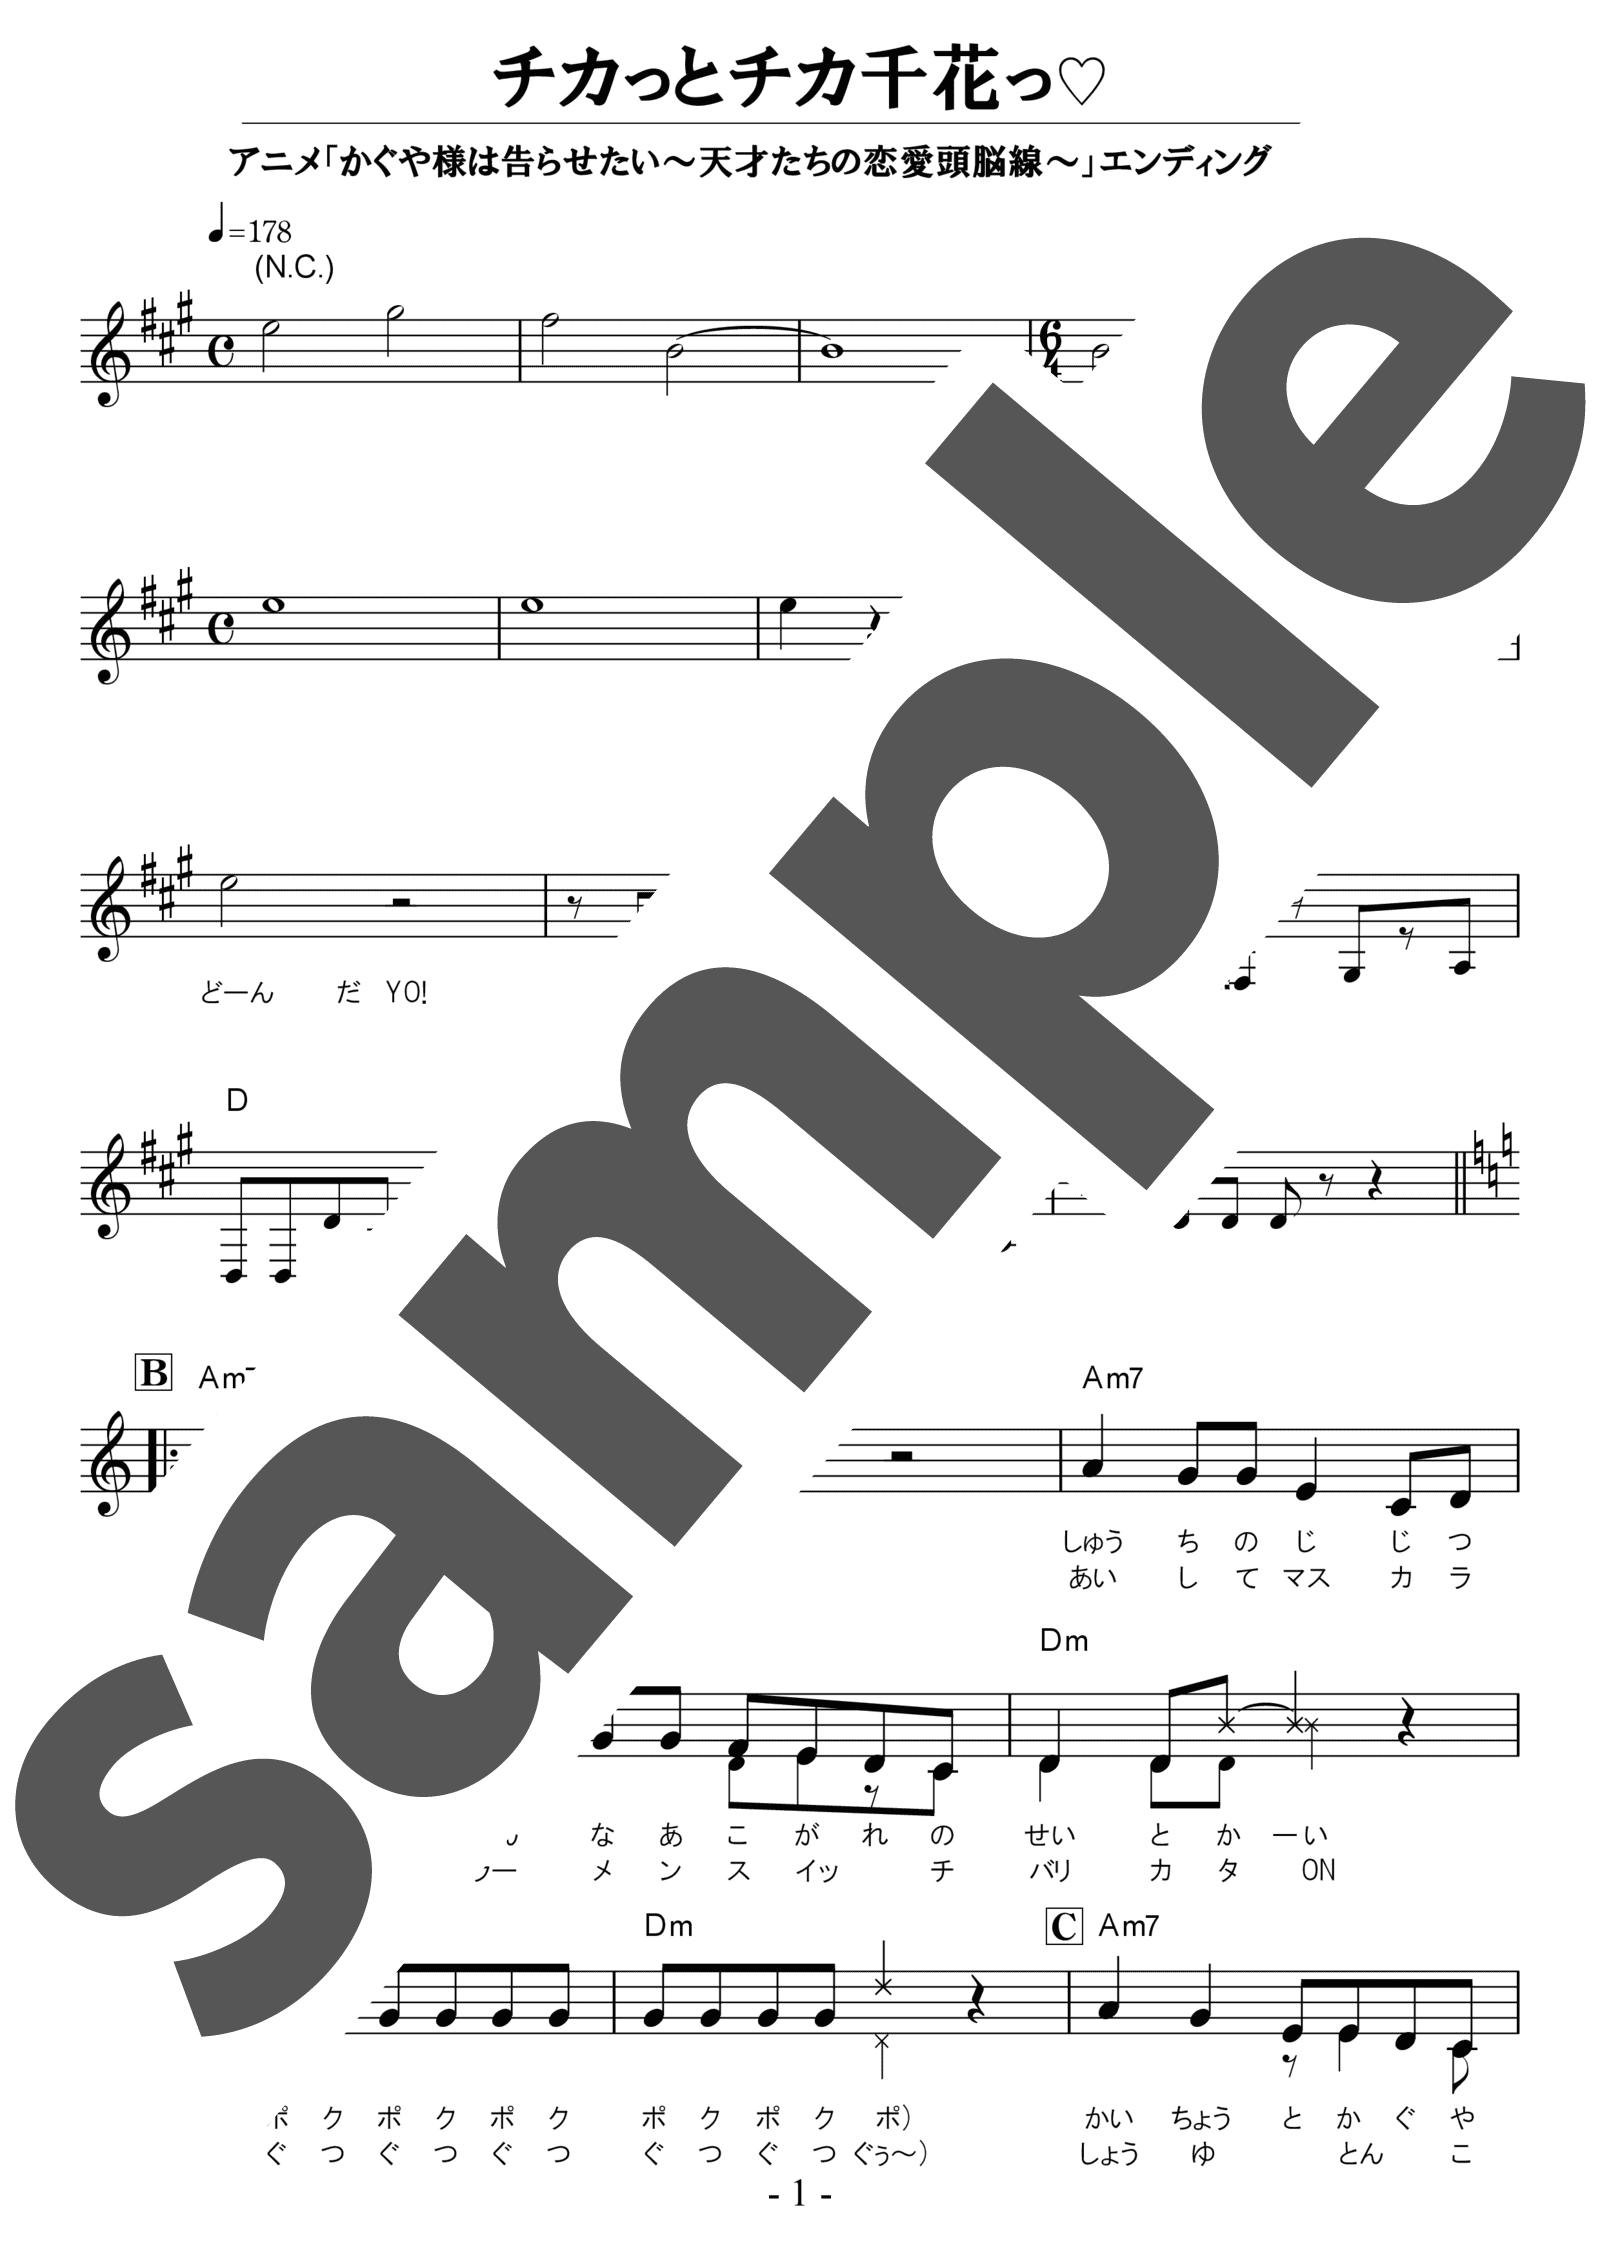 「チカっとチカ千花っ♡」のサンプル楽譜